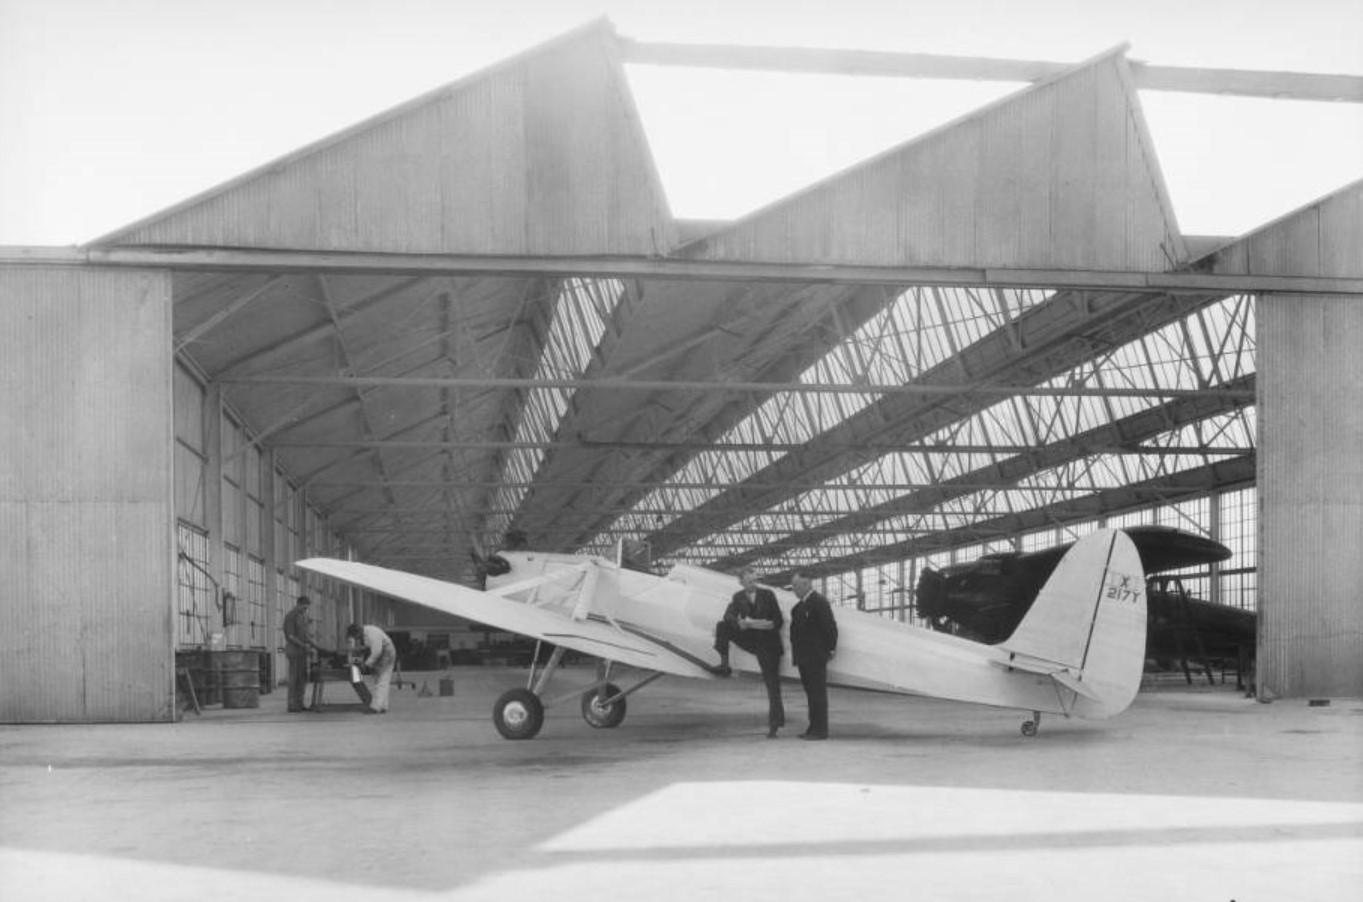 Kinner plane Downey 1933